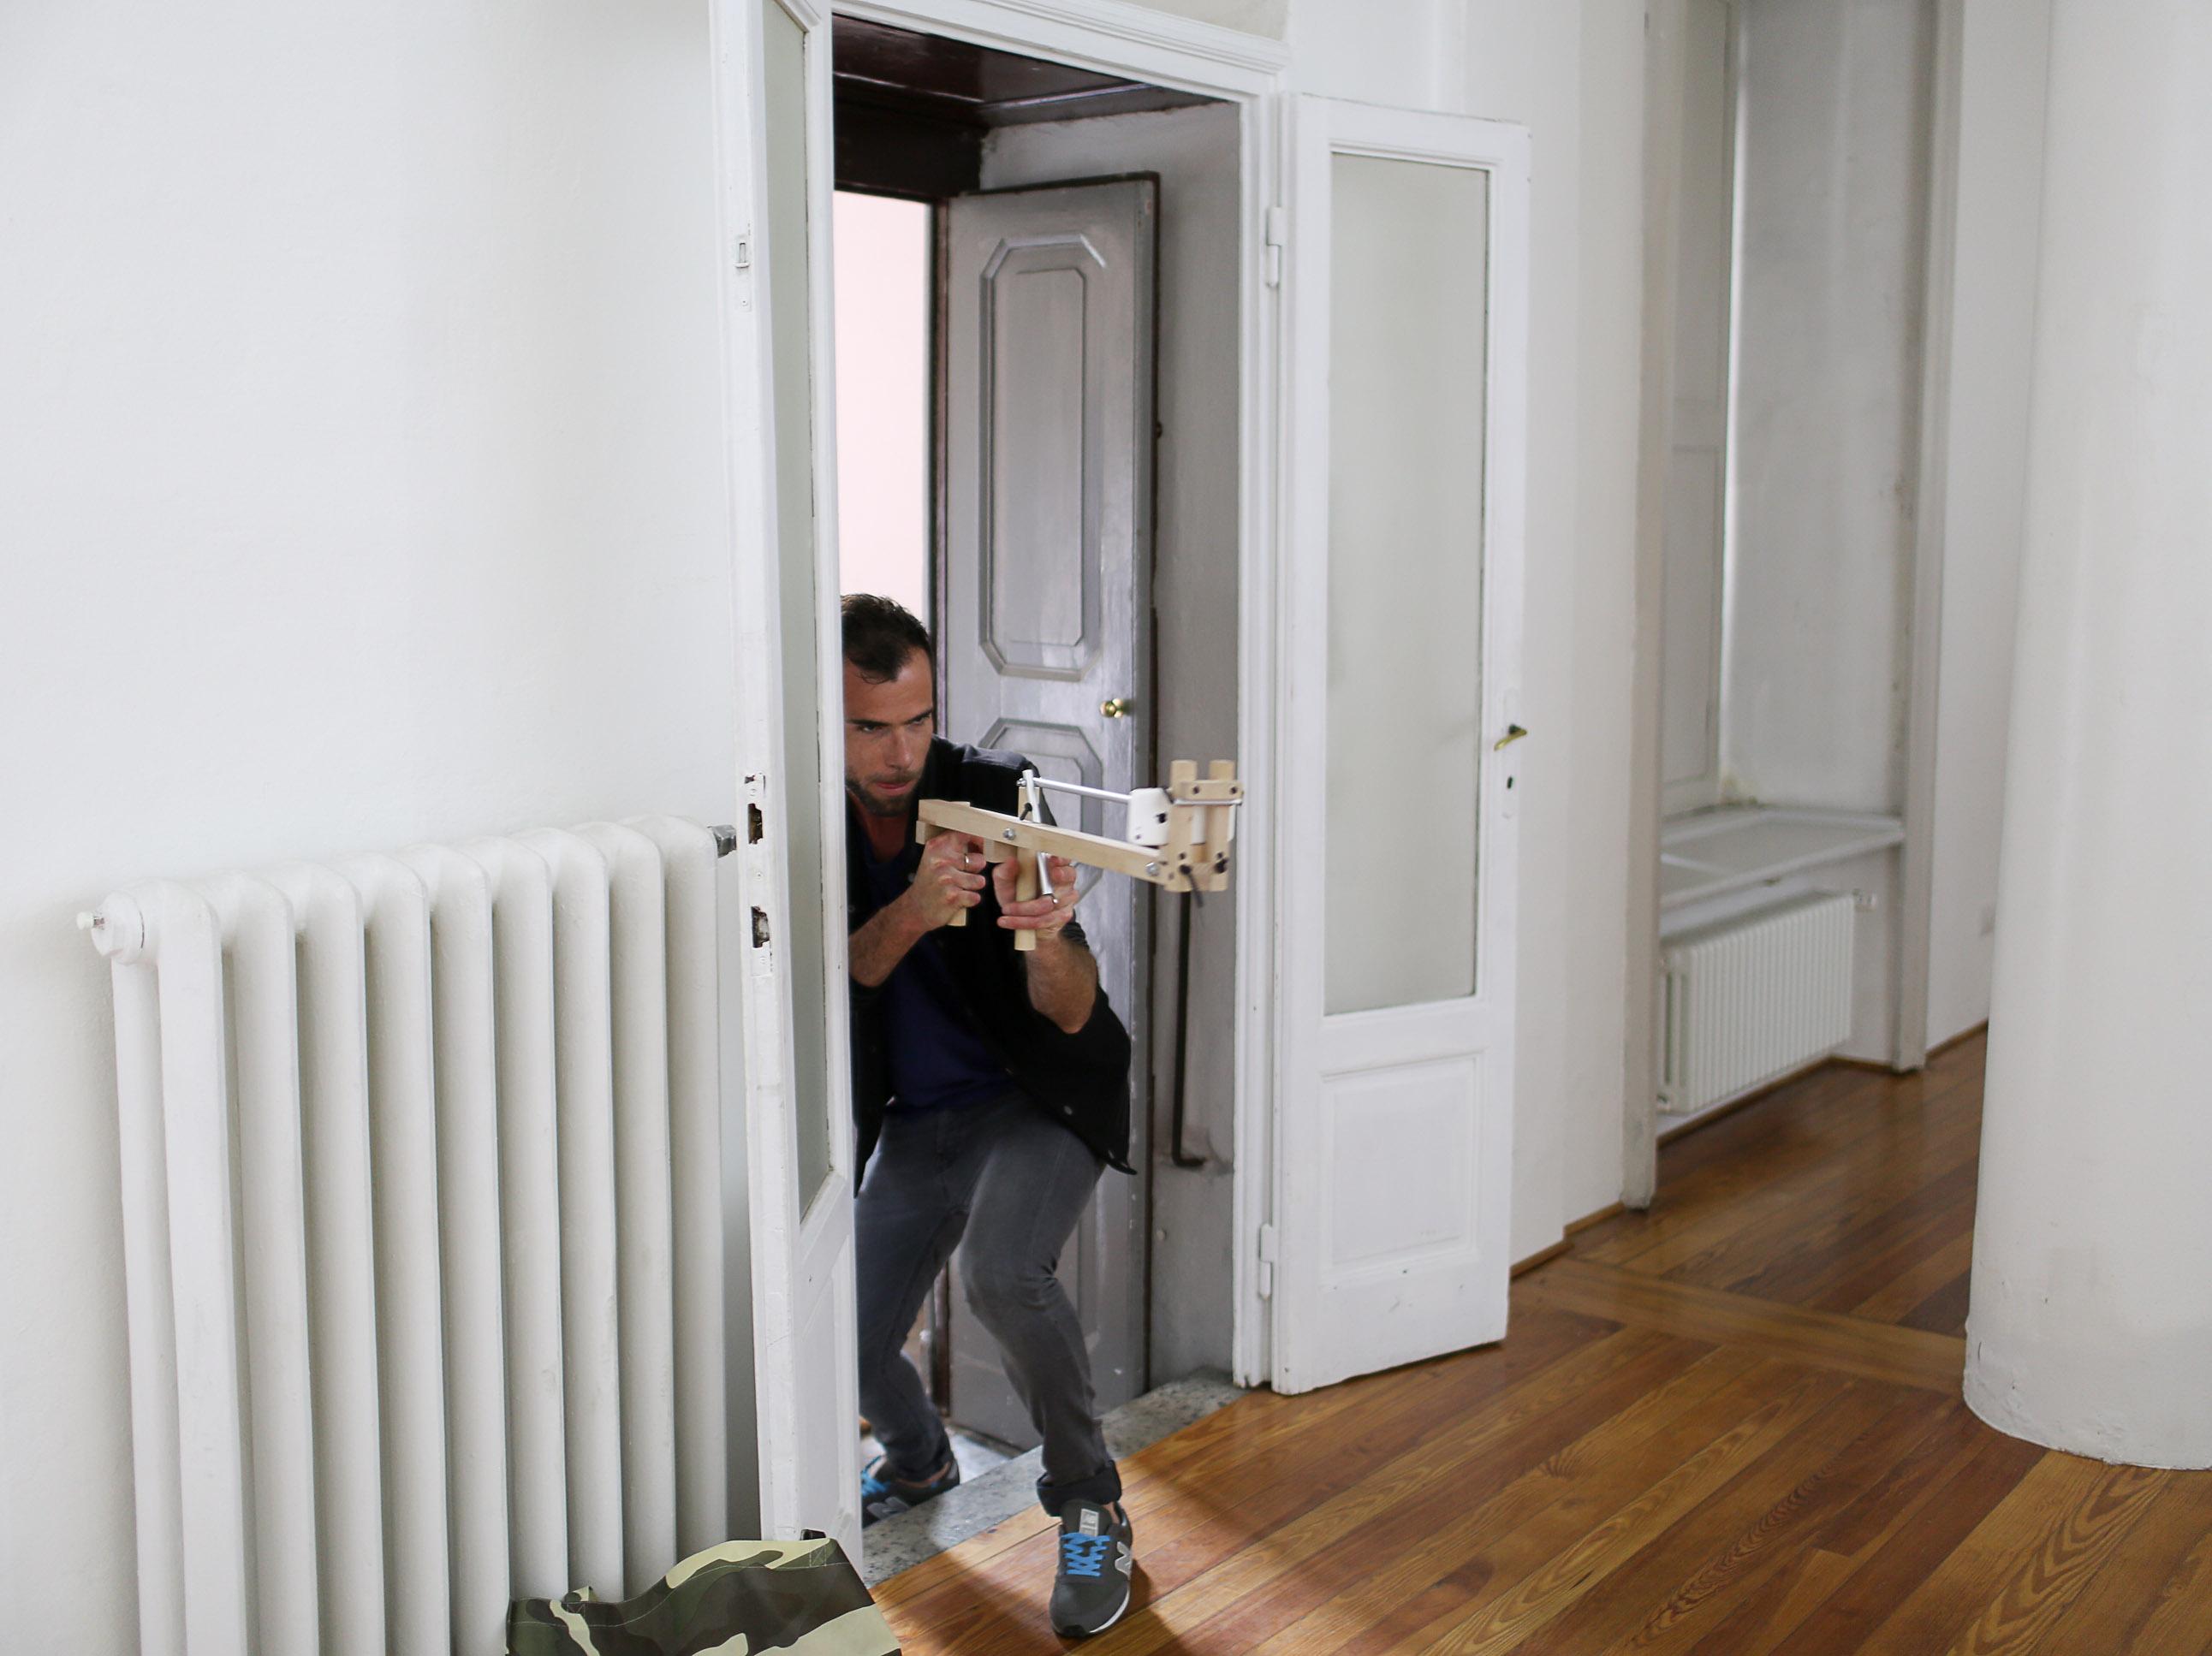 #PhotoBooth, czyli selfie-strzelanki [wideo]